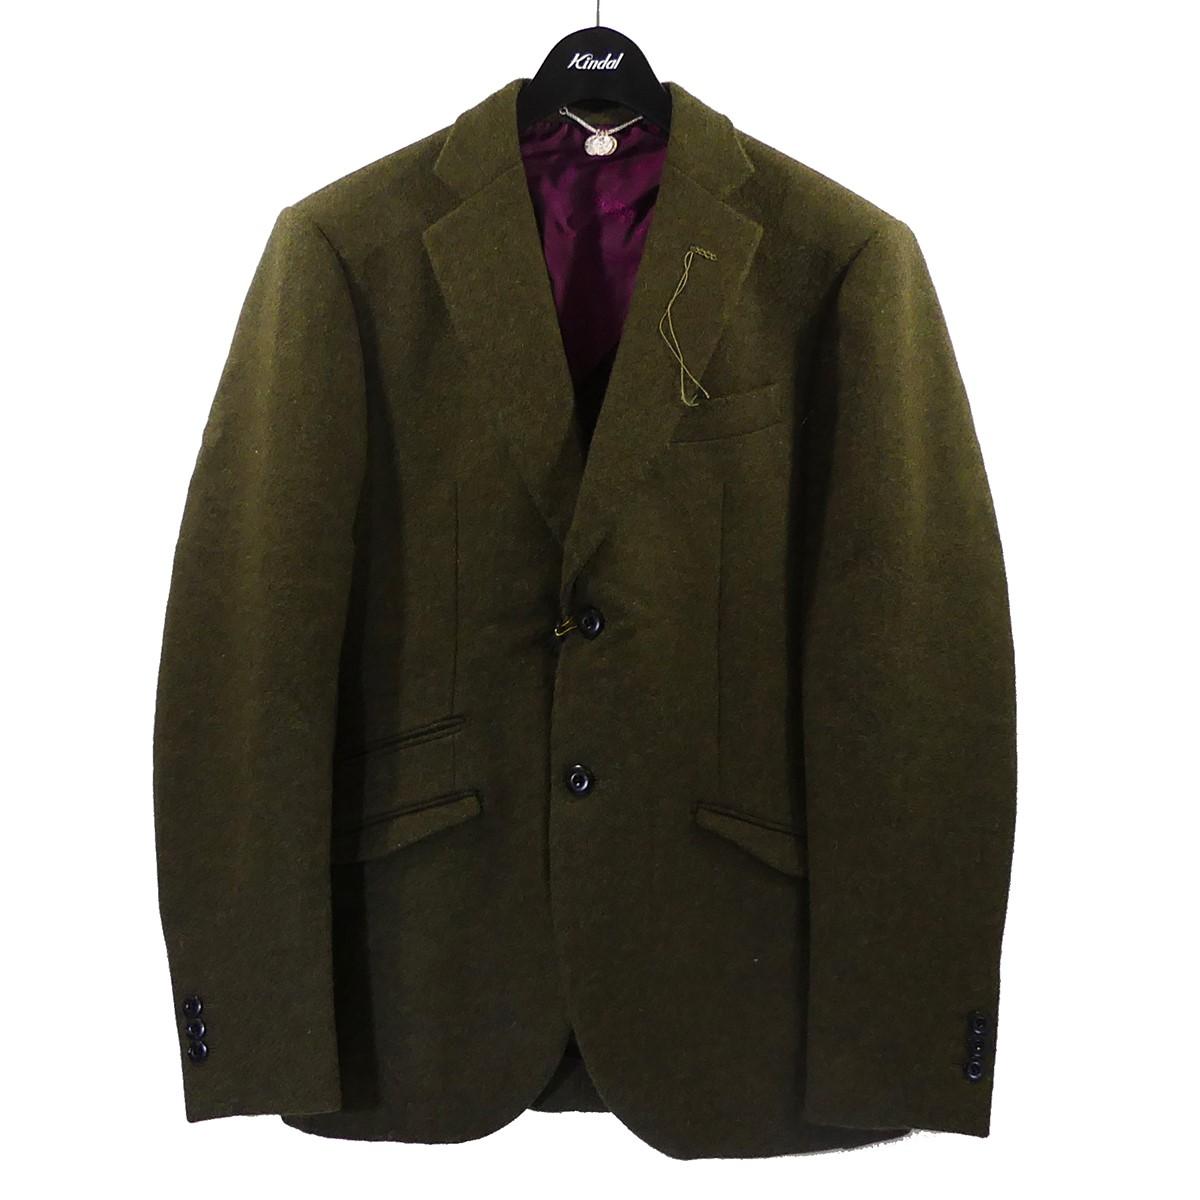 マウリッツォミリ 中古 Maurizio Miri 18AW ウールテーラードジャケット 人気ブランド多数対象 オリーブ 180121 マーケティング サイズ:48 DUSTIN